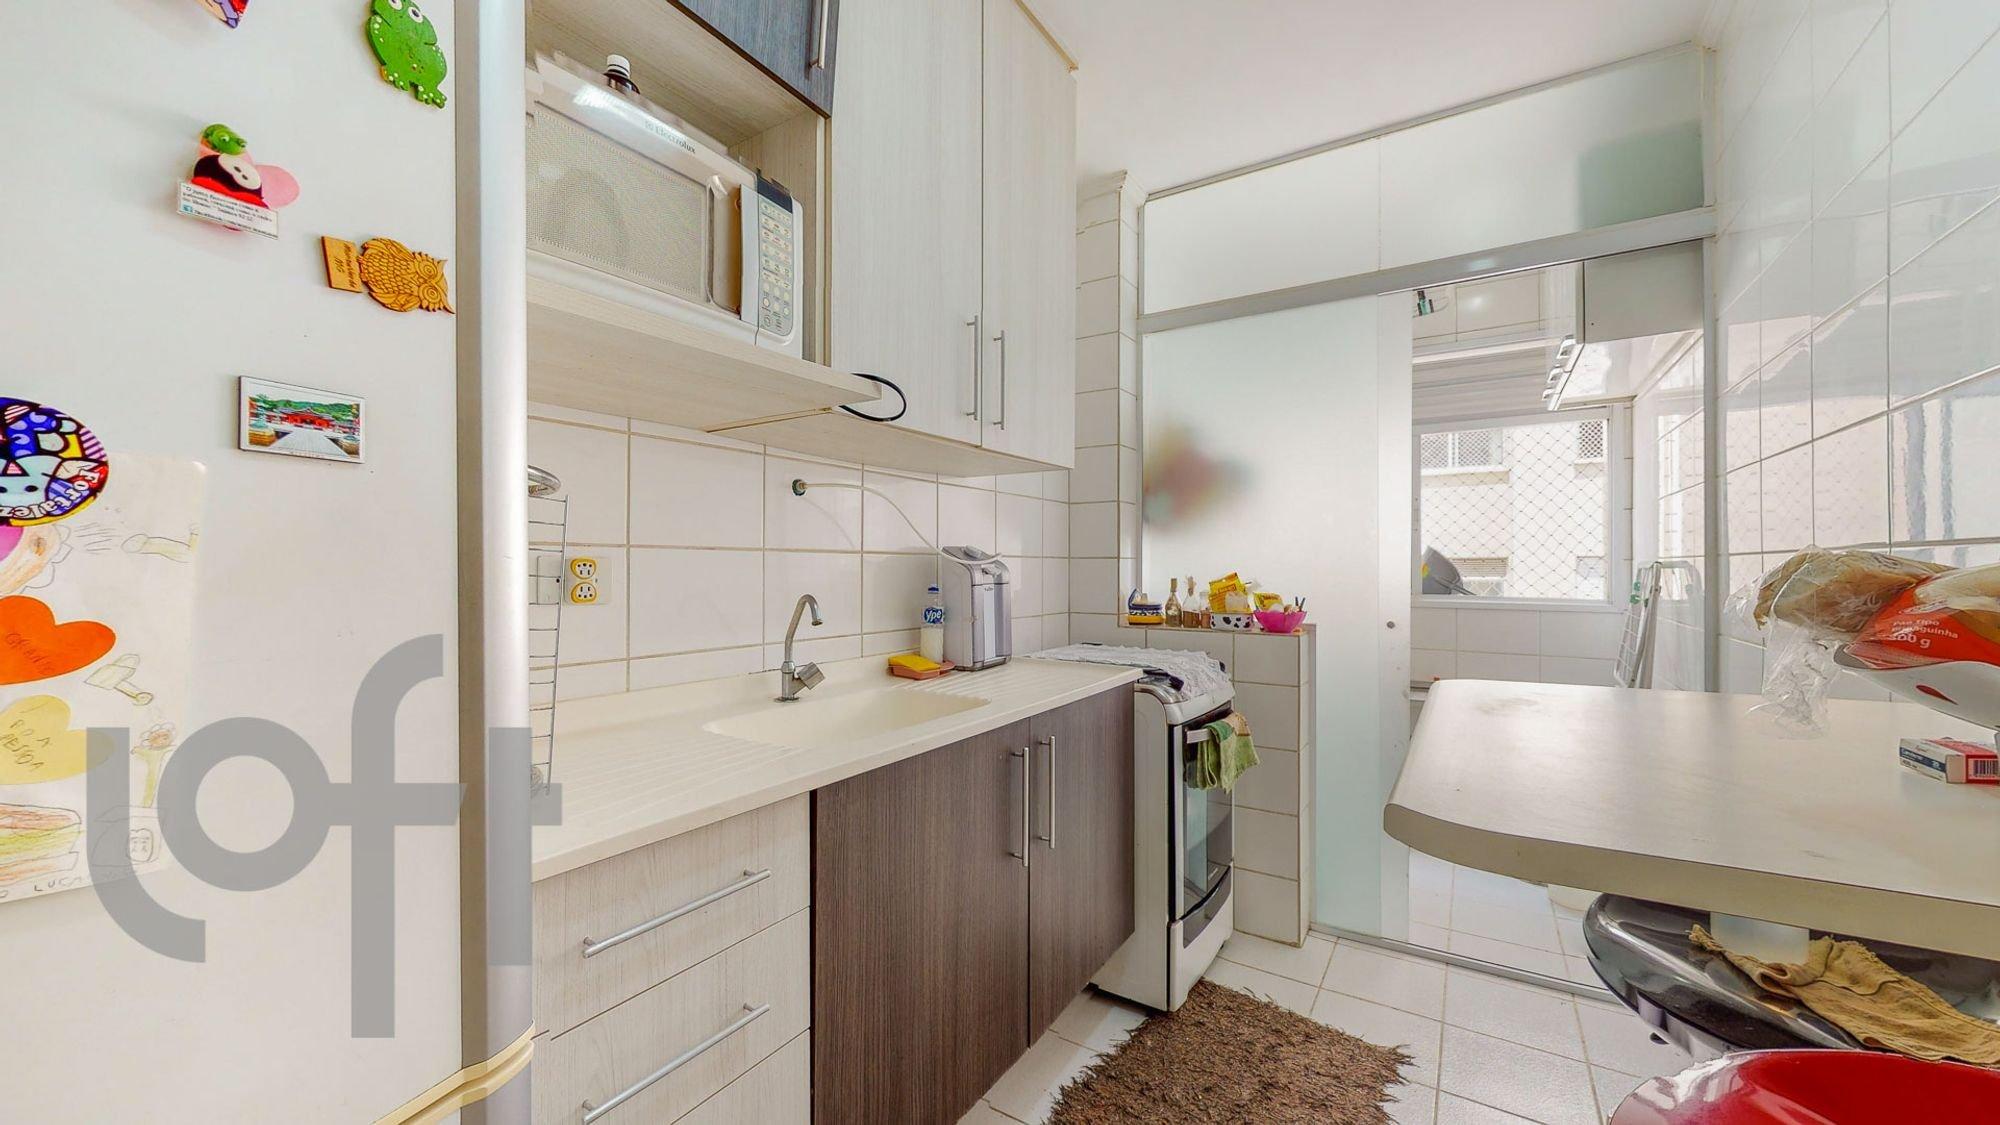 Foto de Cozinha com geladeira, garrafa, mesa de jantar